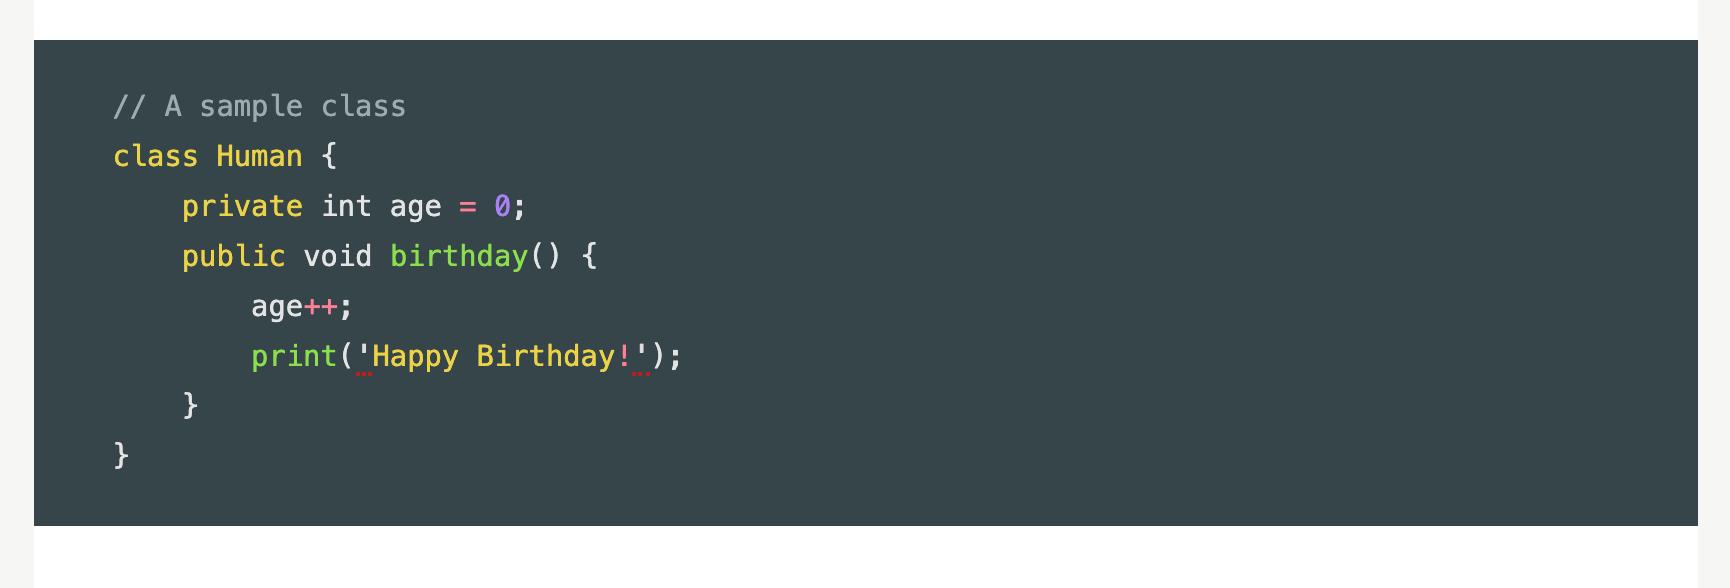 Qiitaのソースコードボックス理想の画像